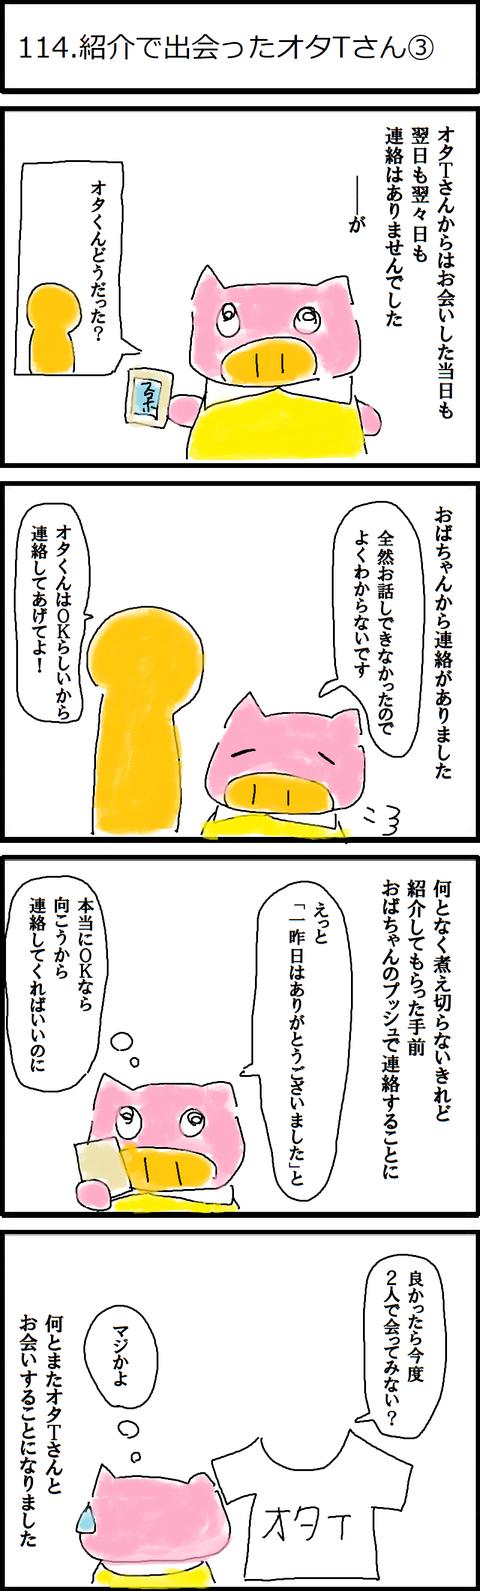 114.紹介で出会ったオタTさん③